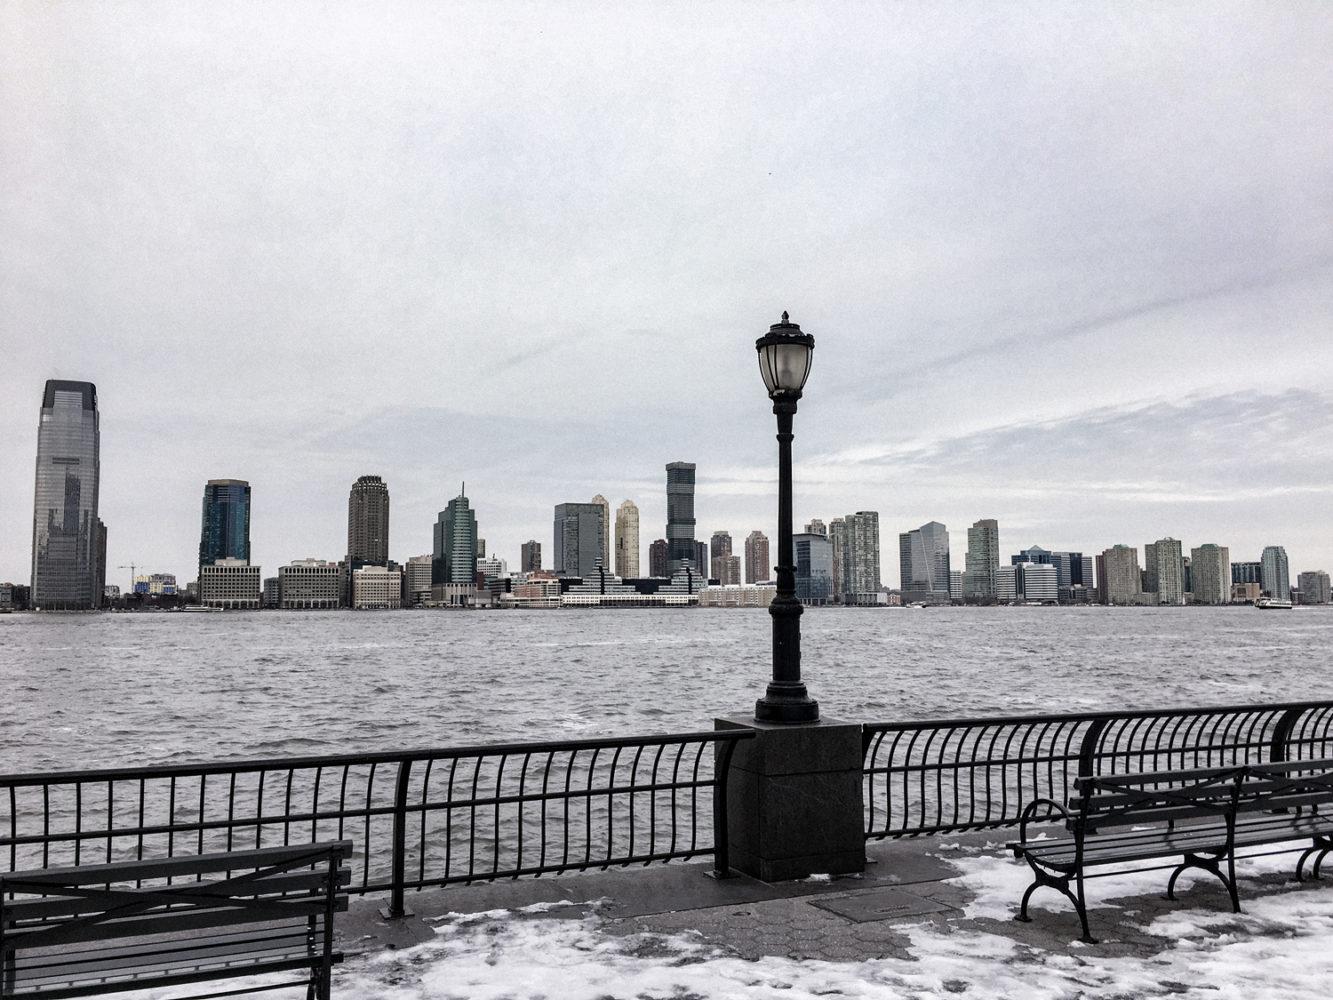 Vue apaisante de l'Hudson River